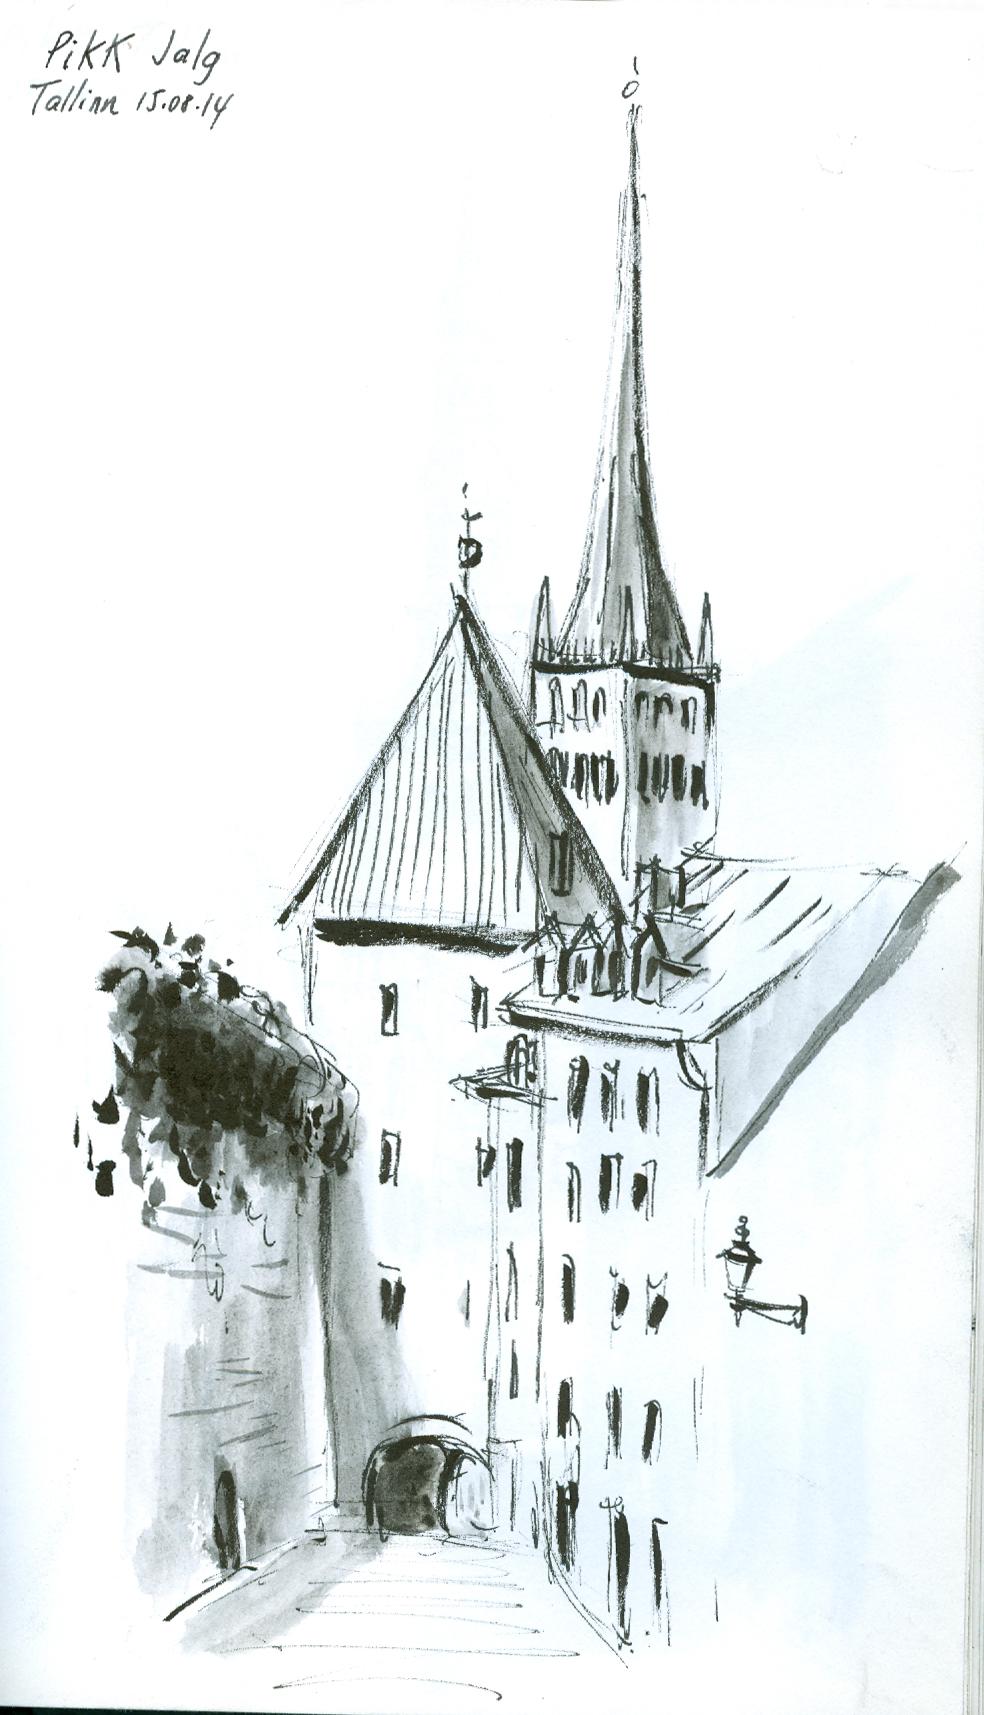 Tallinnm Estonia